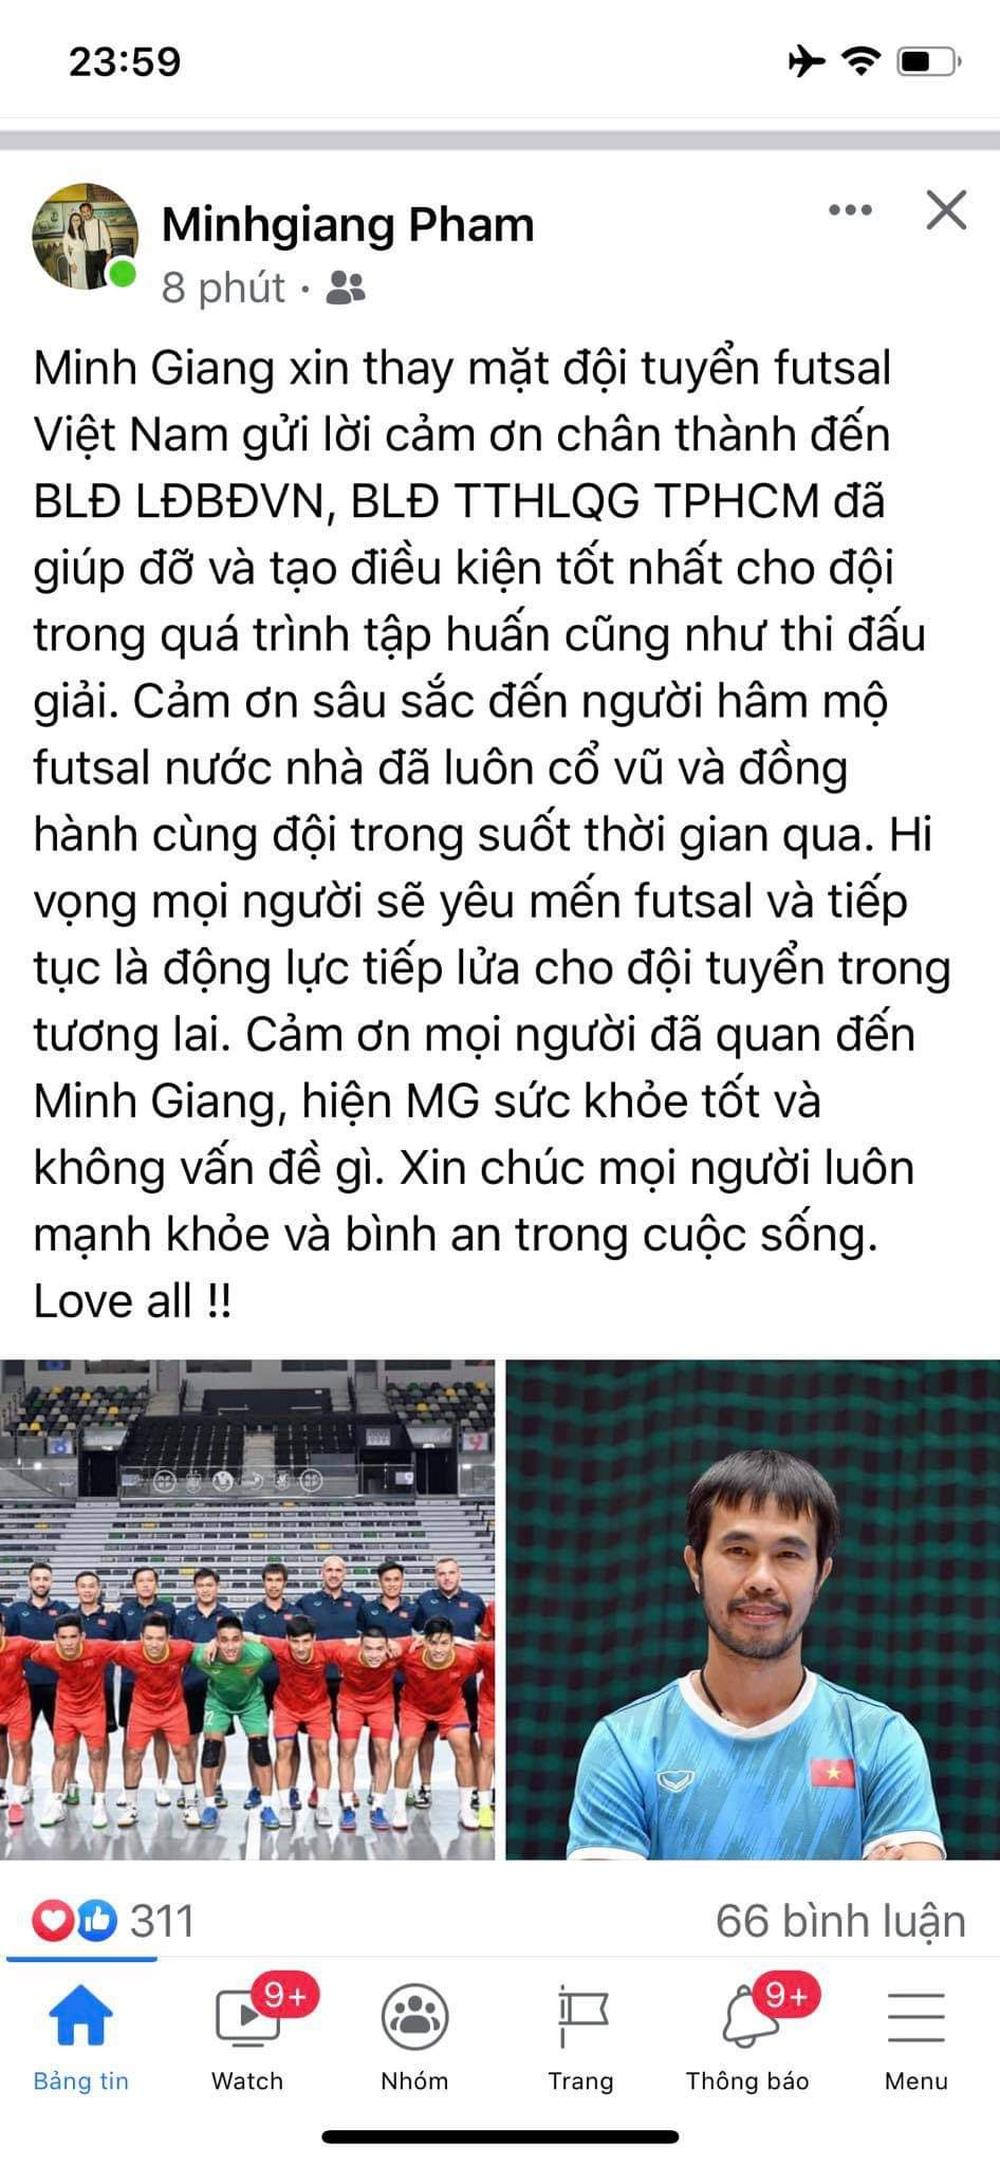 NÓNG: HLV tuyển futsal Việt Nam không may dương tính với Covid-19 - Ảnh 2.